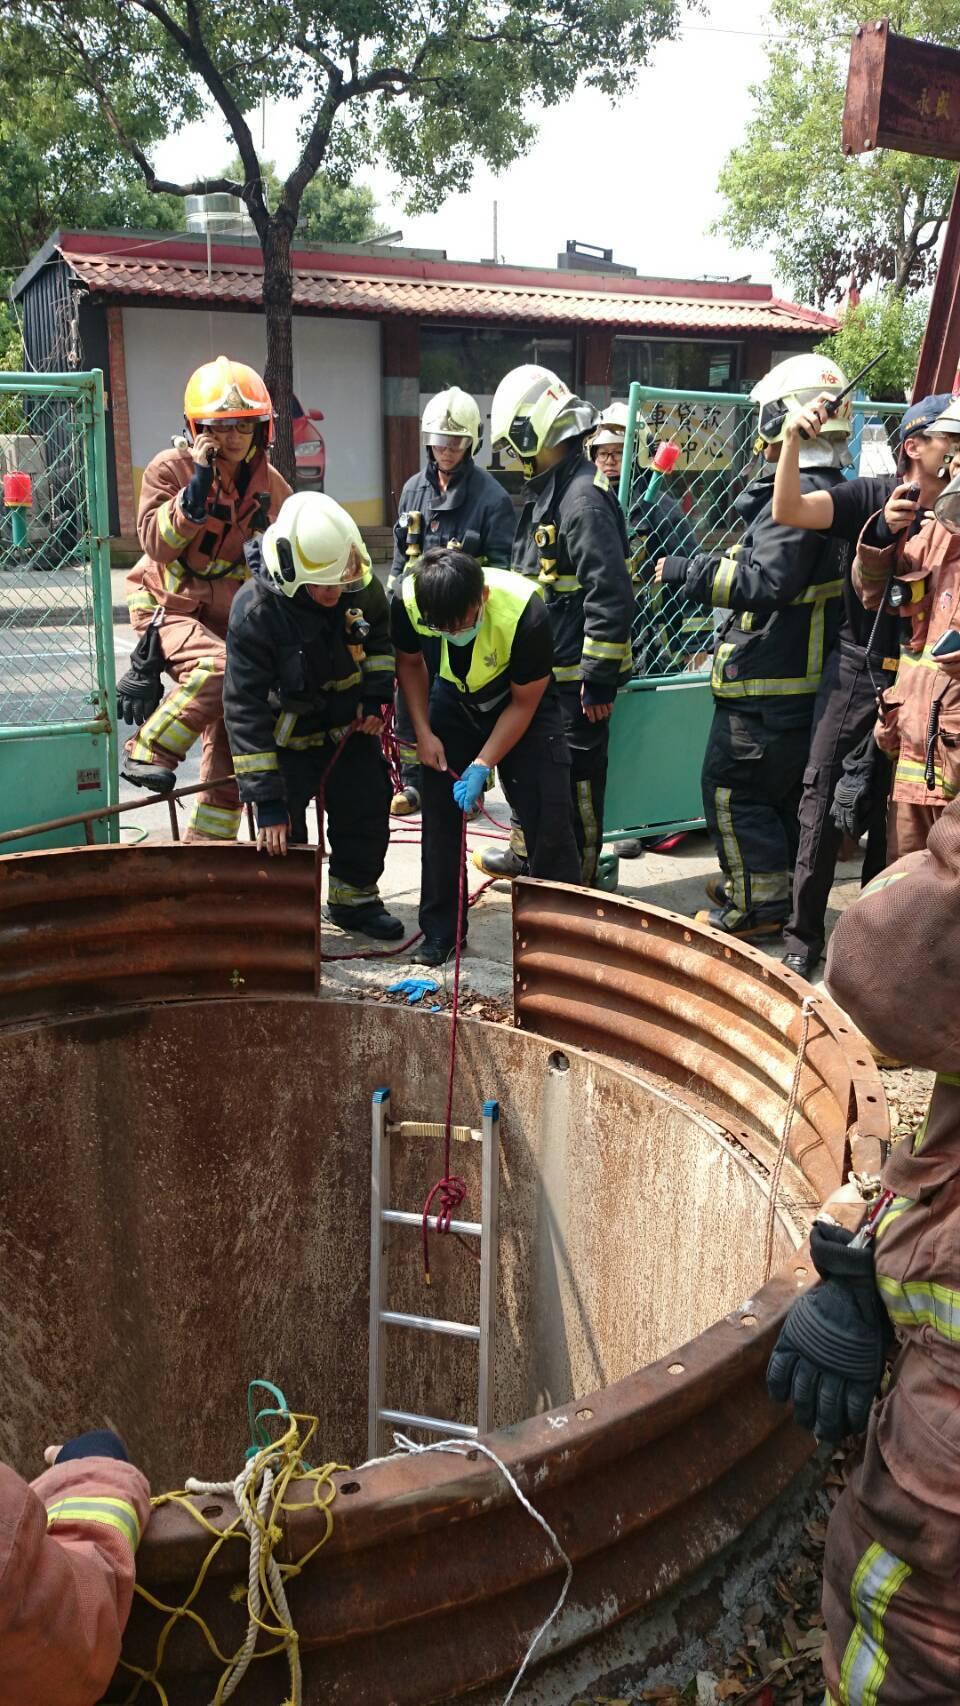 樹林下水道工程發生意外,受困的李姓男子已獲救。記者王長鼎/翻攝